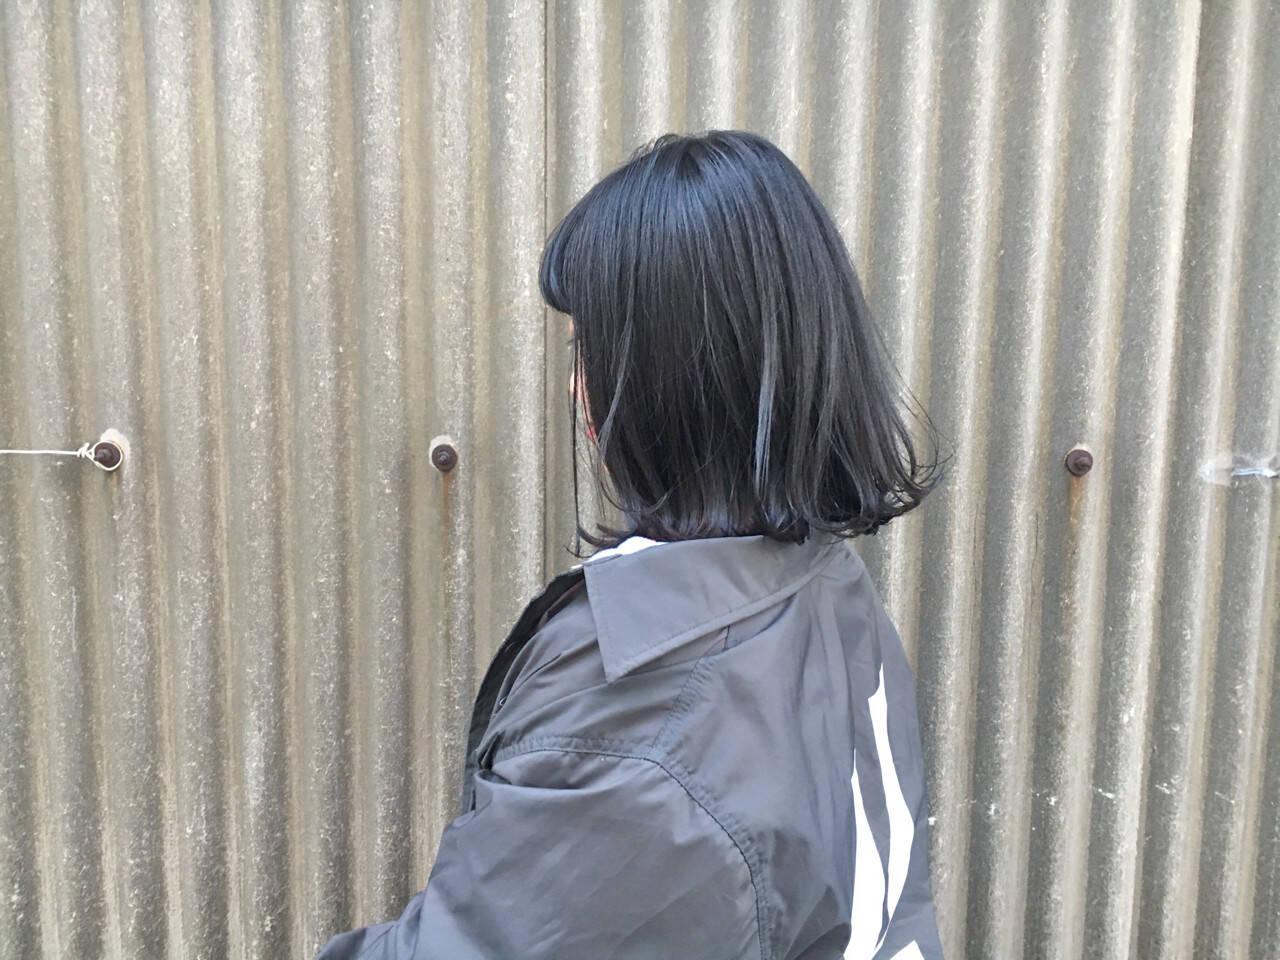 ナチュラル アンニュイ ブルーブラック オフィスヘアスタイルや髪型の写真・画像